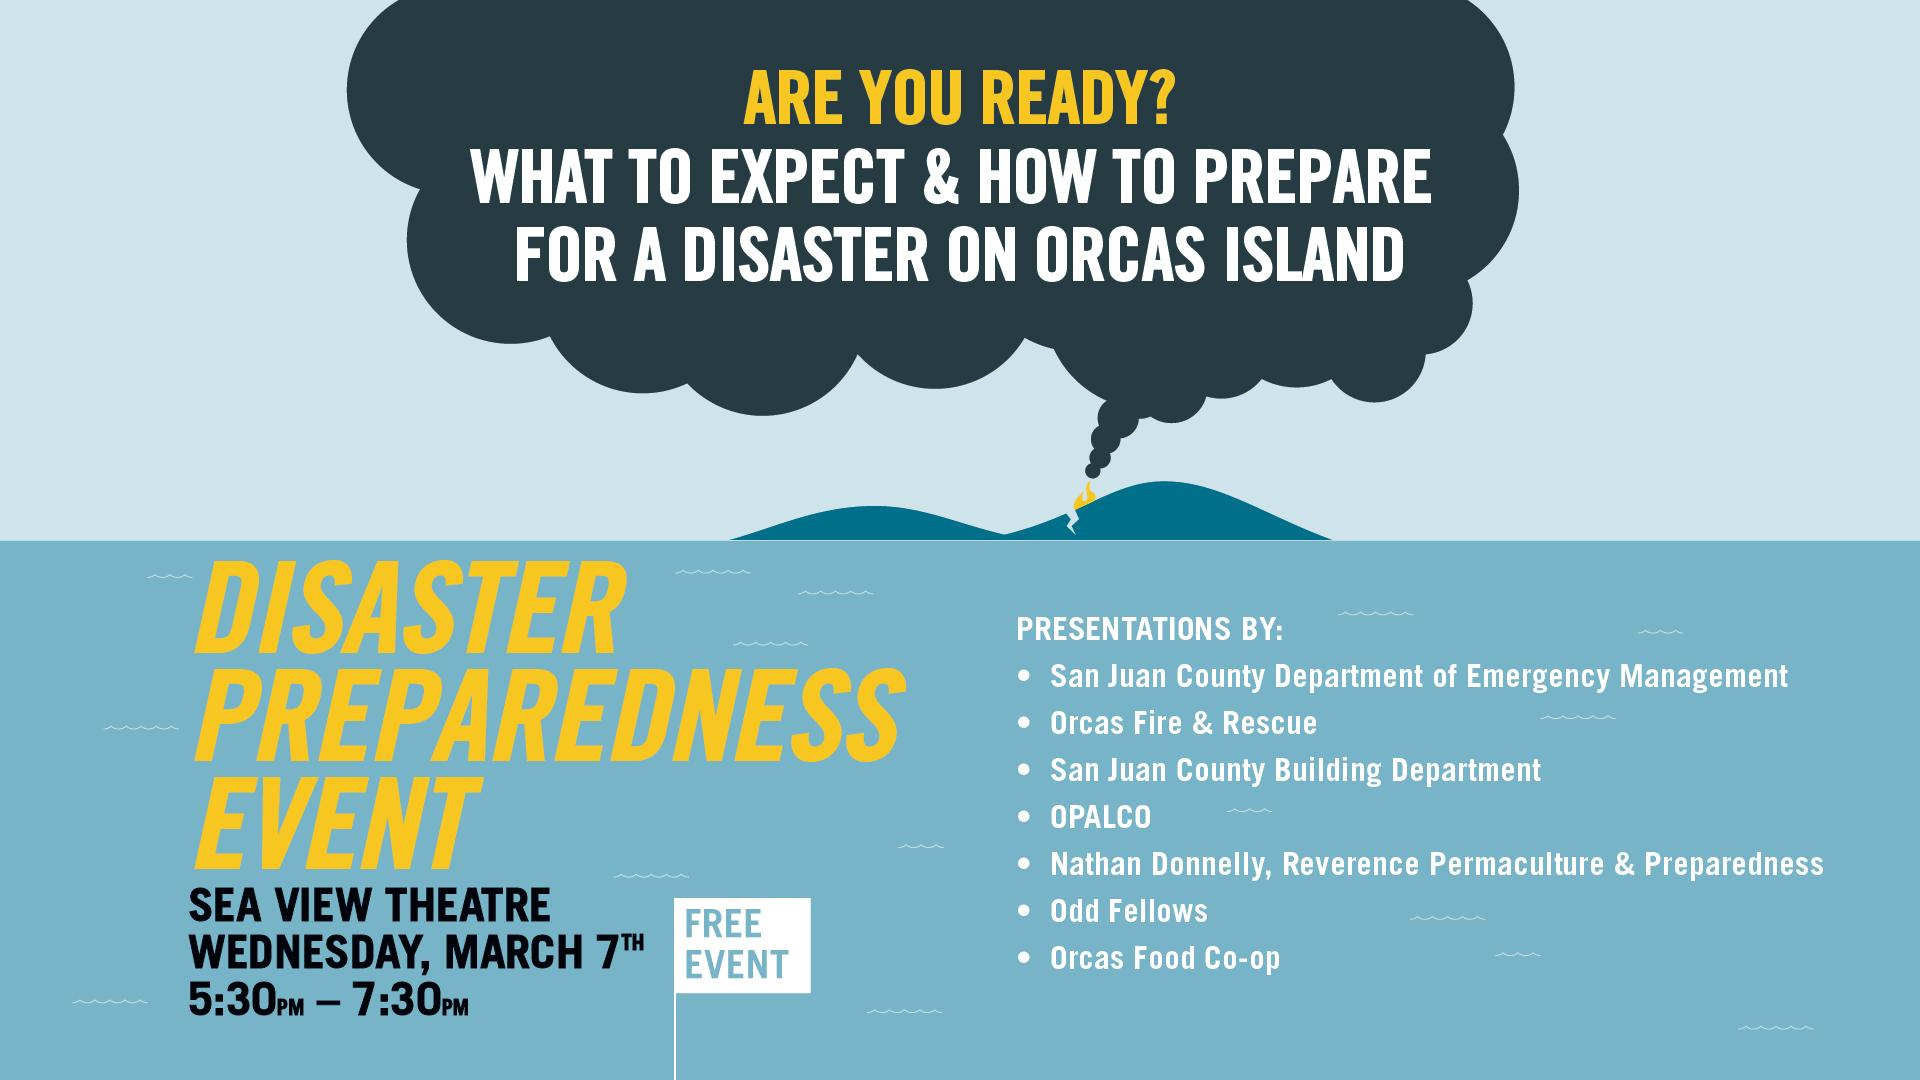 Disaster-Prep-Poster-slide.png